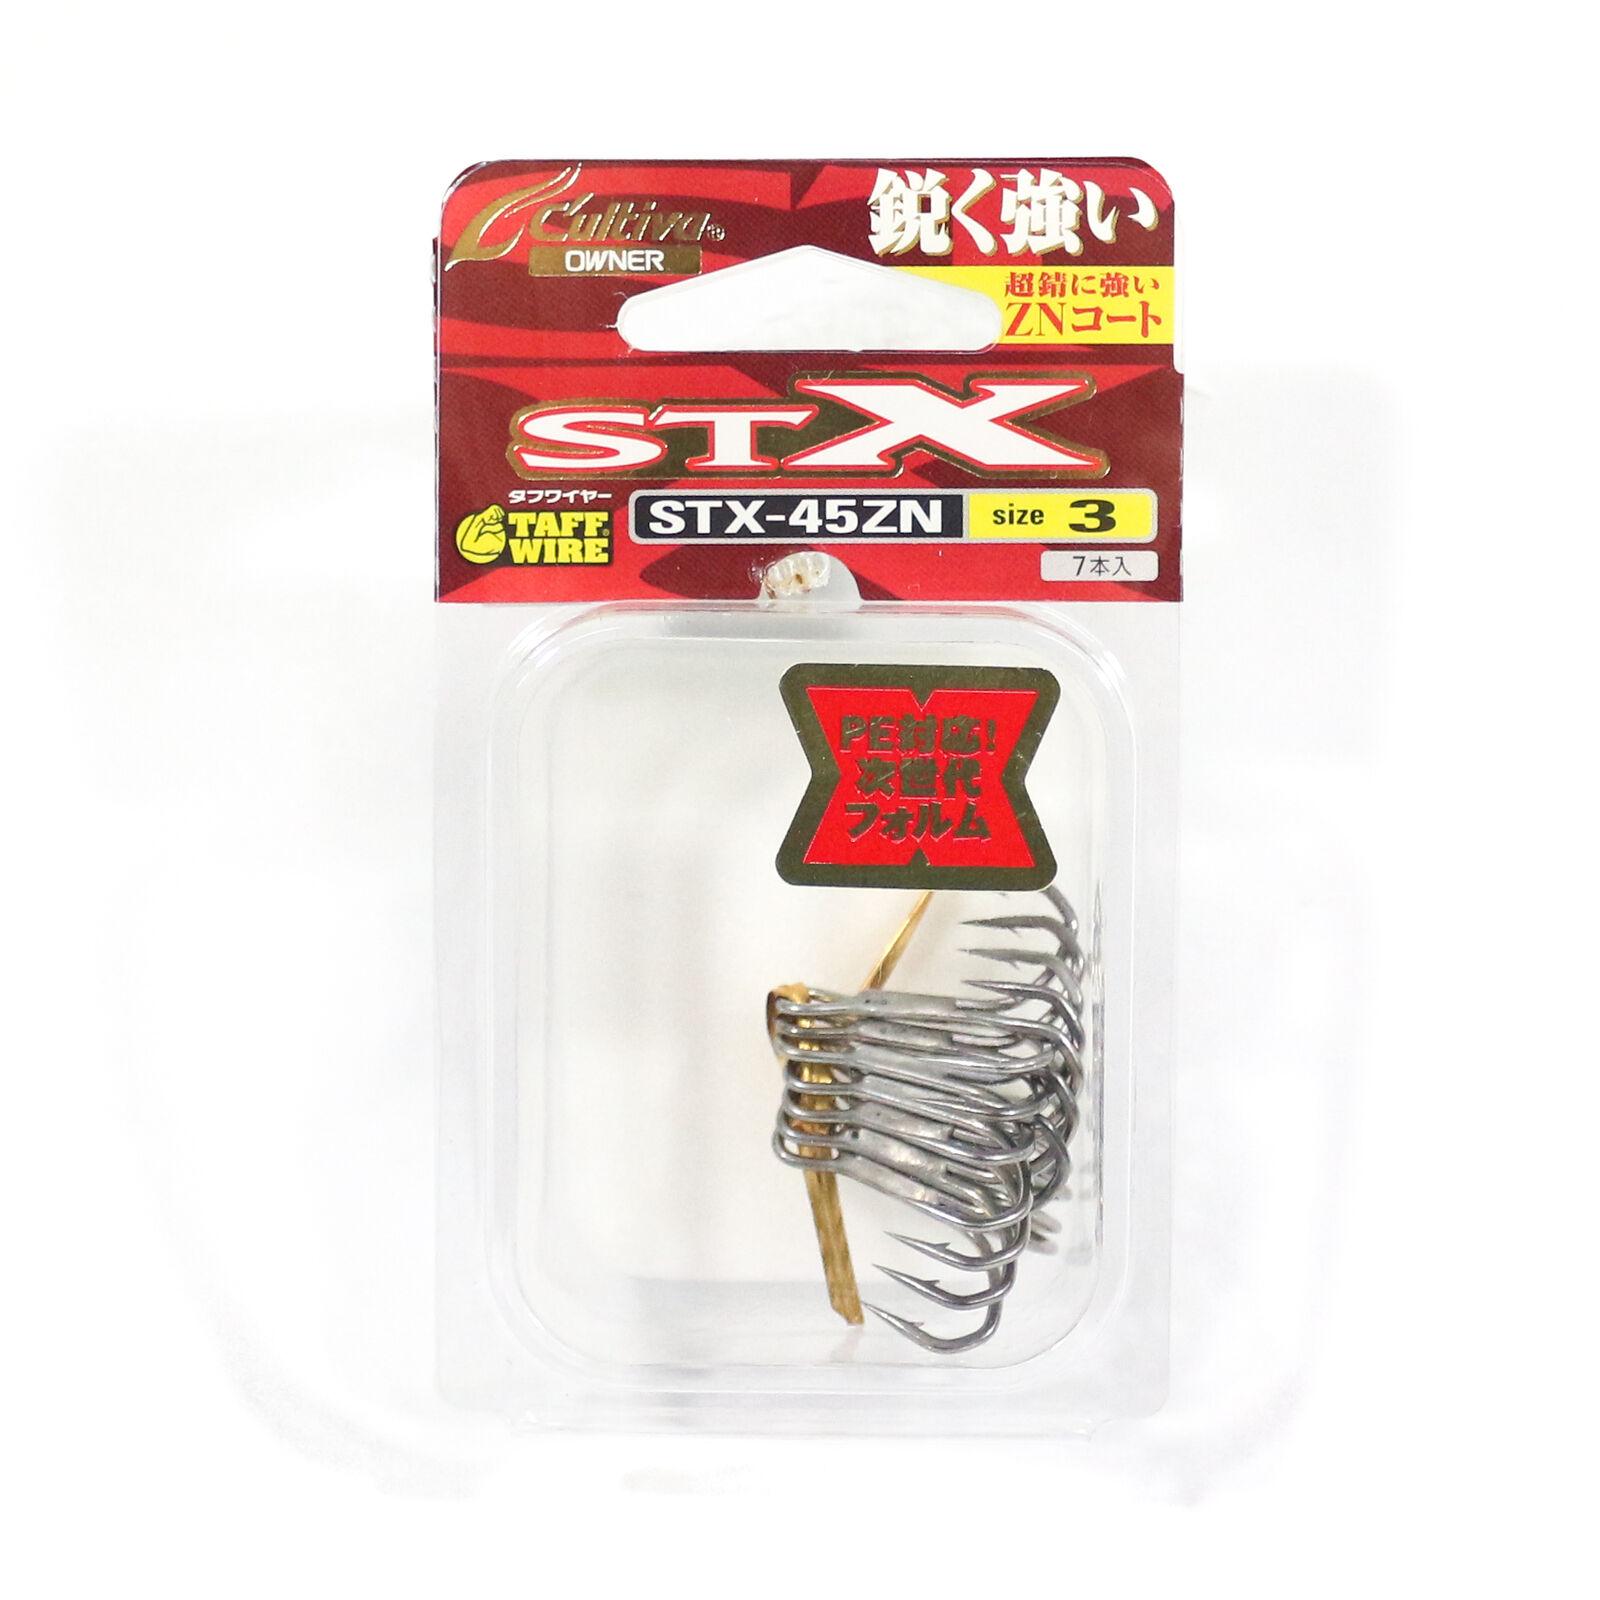 6210 Owner STX-45ZN Treble Hook Size 6